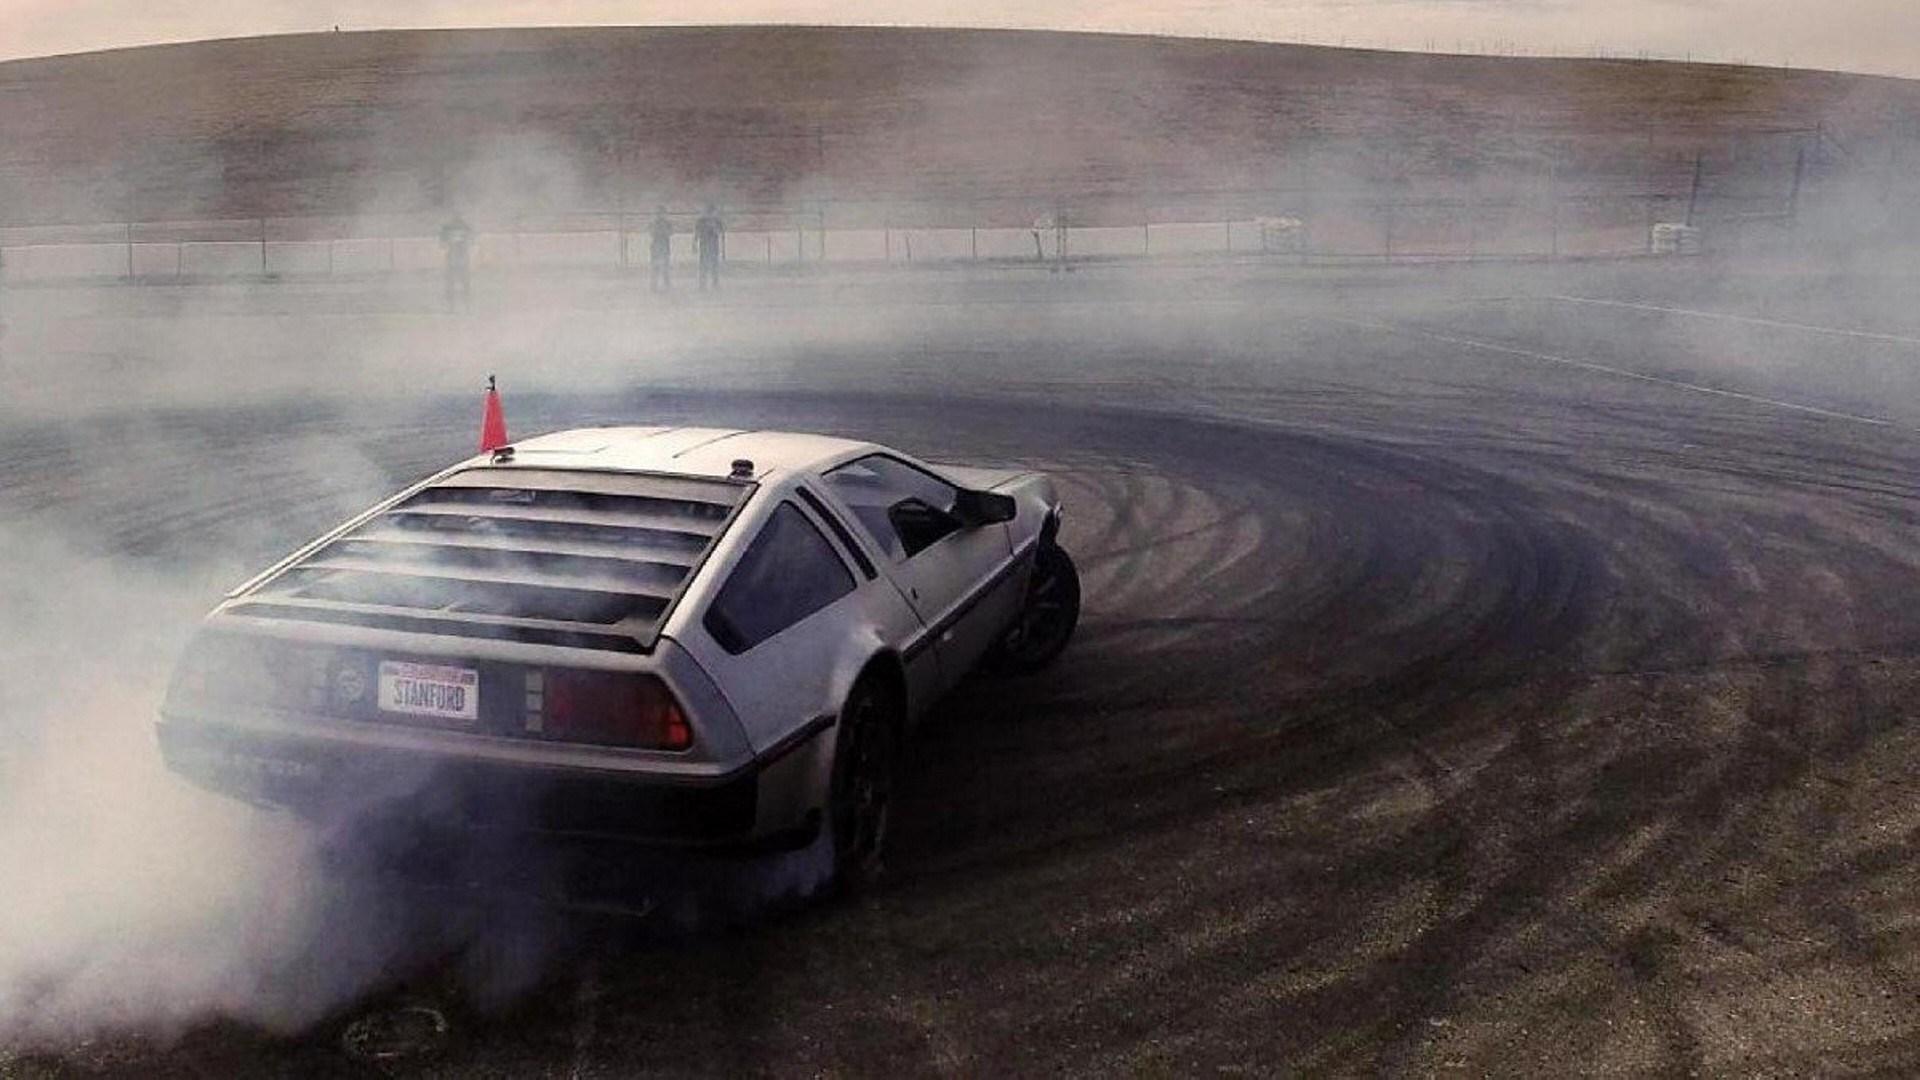 Marty, el DeLorean DMC-12 que hace drifting sin conductor